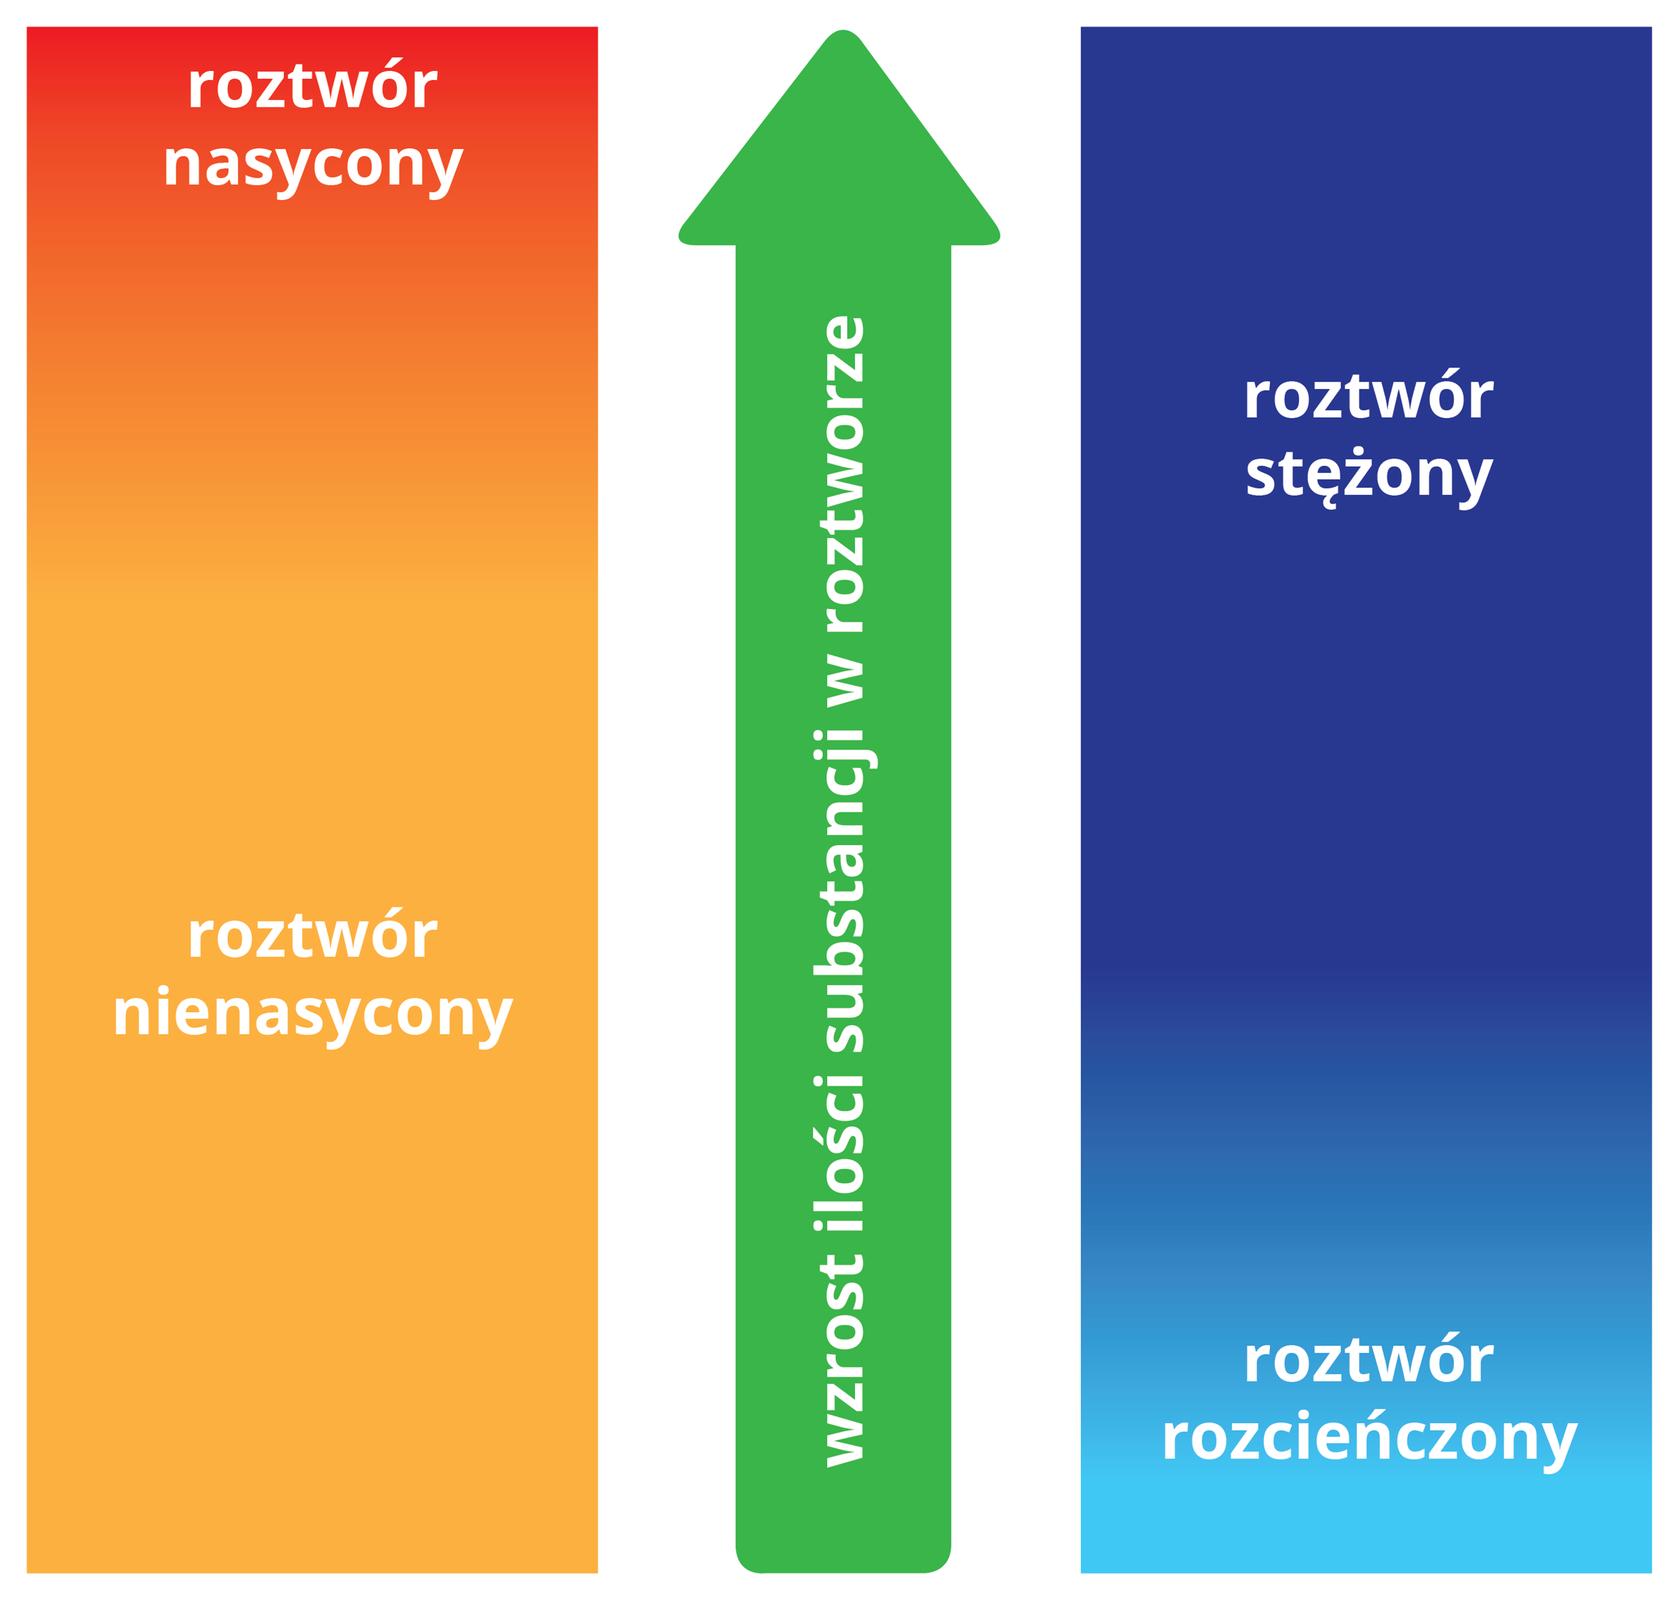 Ilustracja wsposób graficzny porównuje pojęcia dotyczące roztworów izależności między nimi. Składa się zdwóch pionowo ustawionych prostokątów pomiędzy którymi znajduje się gruba pionowa strzałka zgrotem skierowanym wgórę. Strzałka jest zielona ima na sobie biały napis Wzrost ilości substancji wroztworze. Prostokąt zlewej strony ma barwę pomarańczową, która na samej górze przechodzi wczerwoną. Na tle części pomarańczowej, mniej więcej wjednej trzeciej wysokości prostokąta licząc od dołu znajduje się biały napis Roztwór nienasycony, natomiast na tle części czerwonej, tuż pod górną krawędzią znajduje się napis Roztwór nasycony. Prostokąt zprawej strony strzałki jest wwiększości ciemnoniebieski, natomiast wdolnej części jego barwa płynnie przechodzi wjasnoniebieską. Na dole, na tle wczęści jasnoniebieskiej, wpobliżu krawędzi znajduje się biały napis Roztwór rozcieńczony. Ugóry, wpołowie wysokości części ciemnoniebieskiej imniej więcej wjednej trzeciej wysokości prostokąta licząc od góry znajduje się biały napis Roztwór stężony.